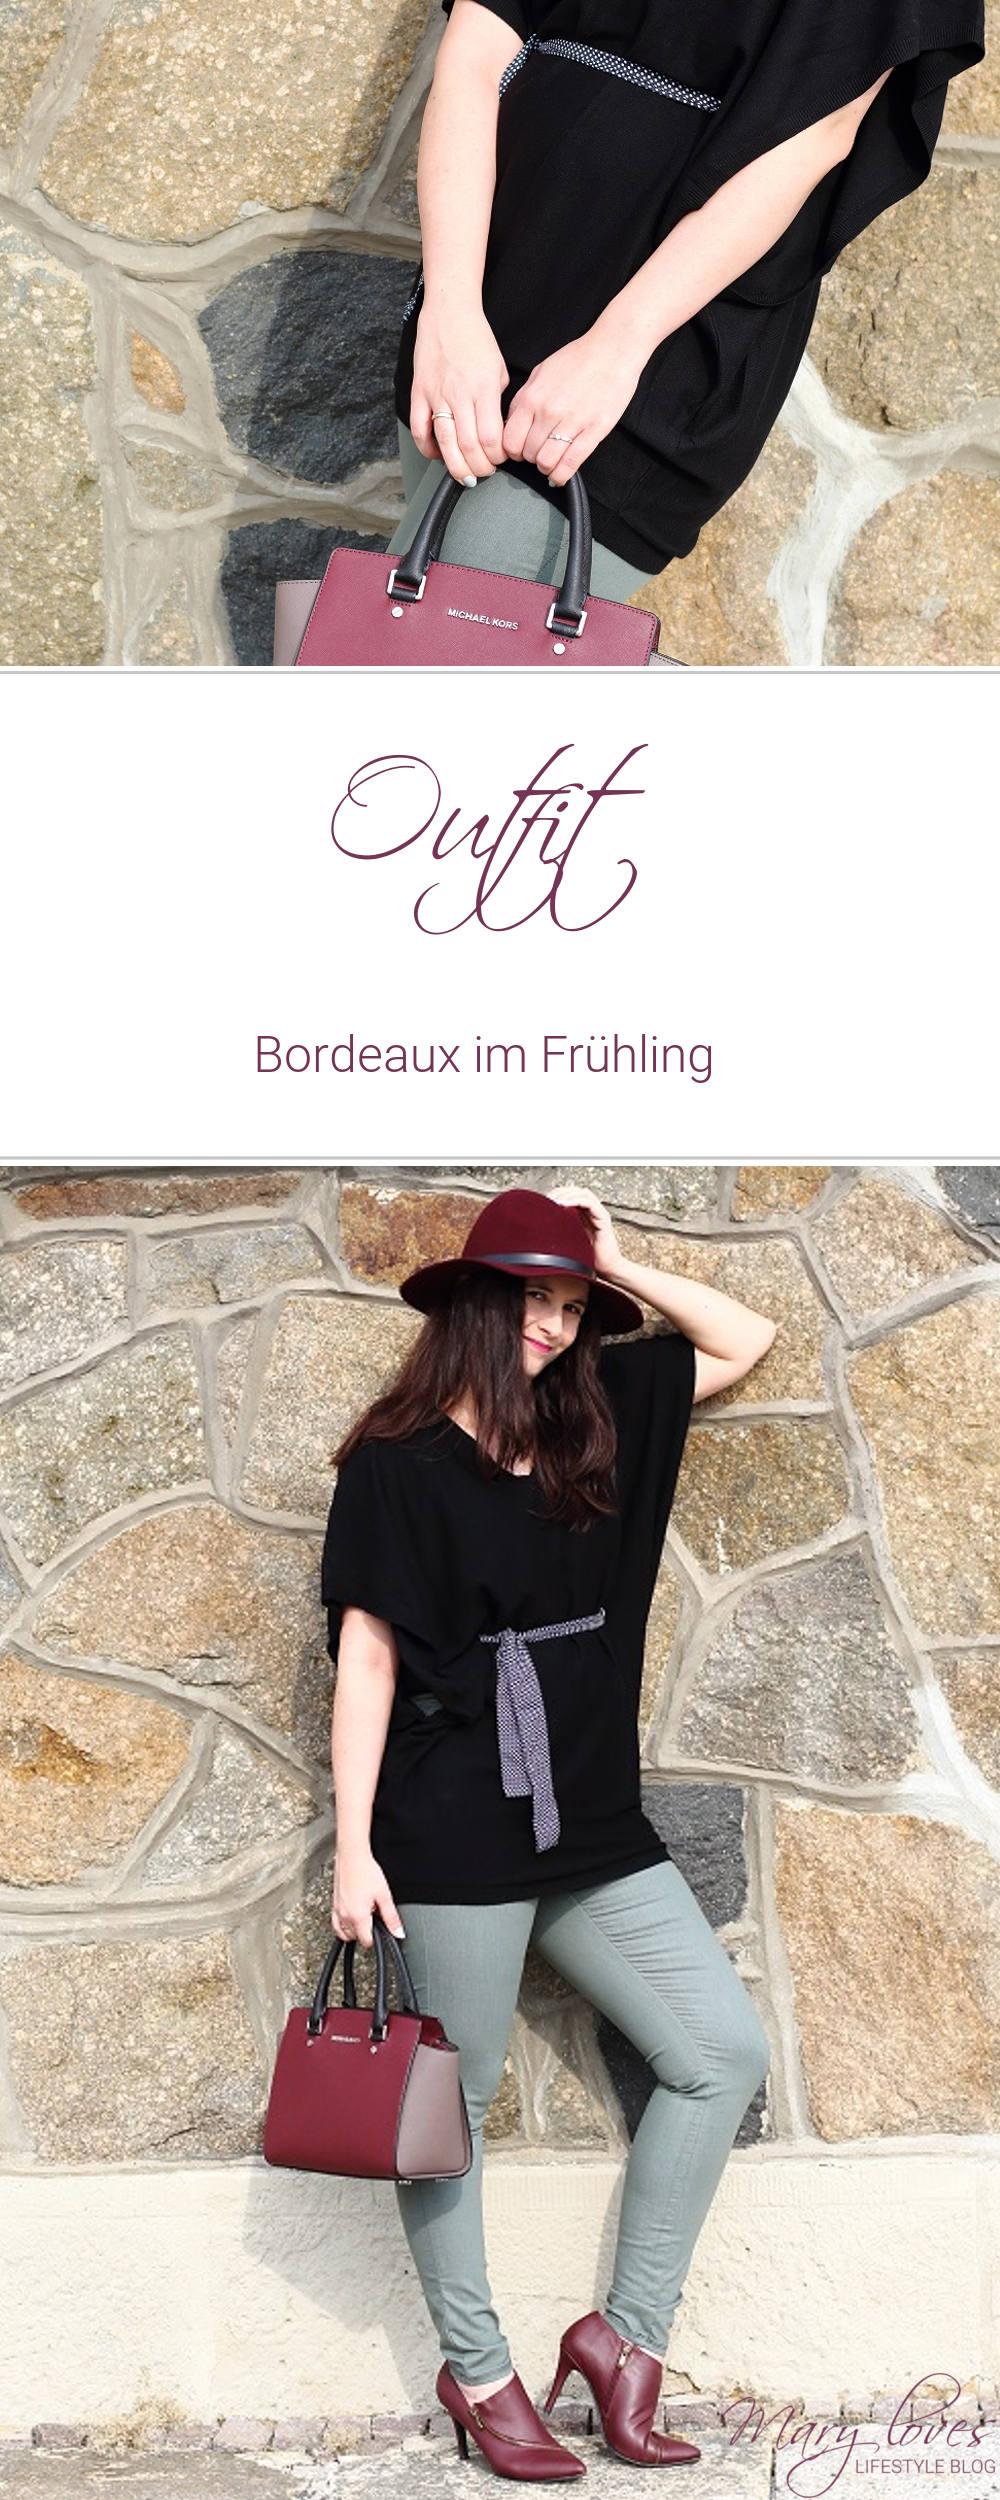 Outfit - Bordeaux im Frühling